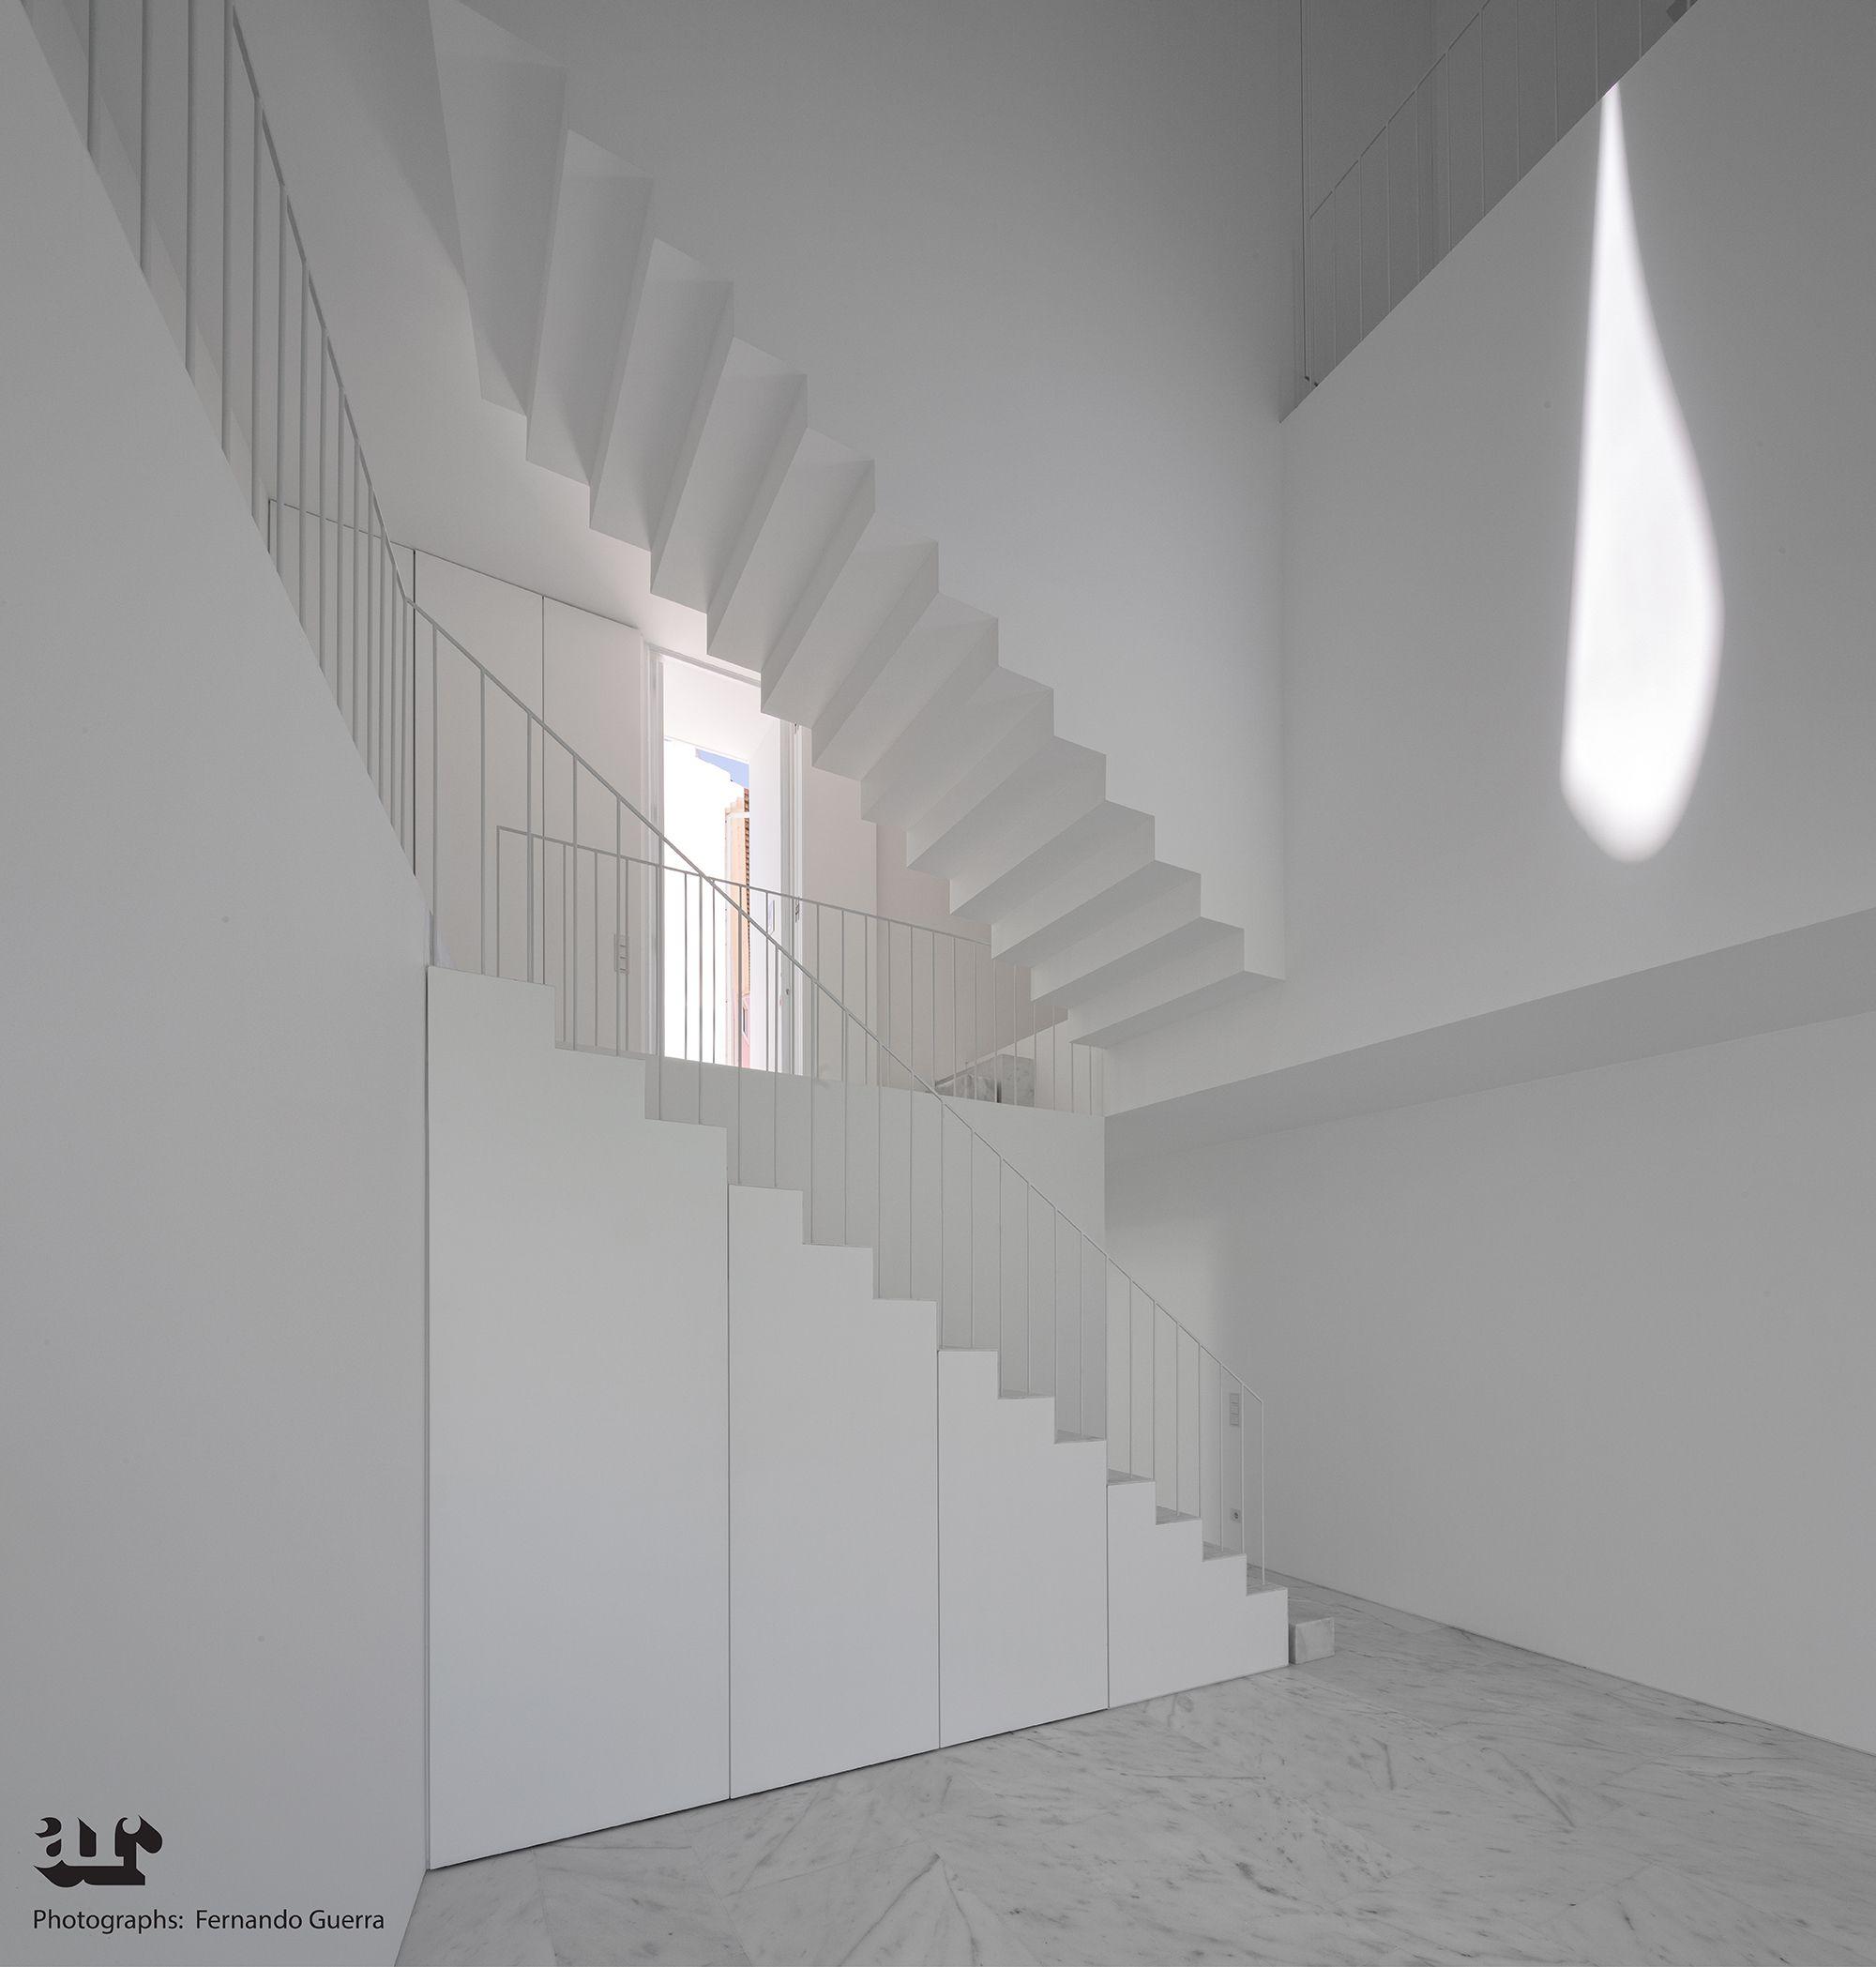 Exceptional Aires Mateus Associados U2014 House In Alcobaça, Portugal Nice Design